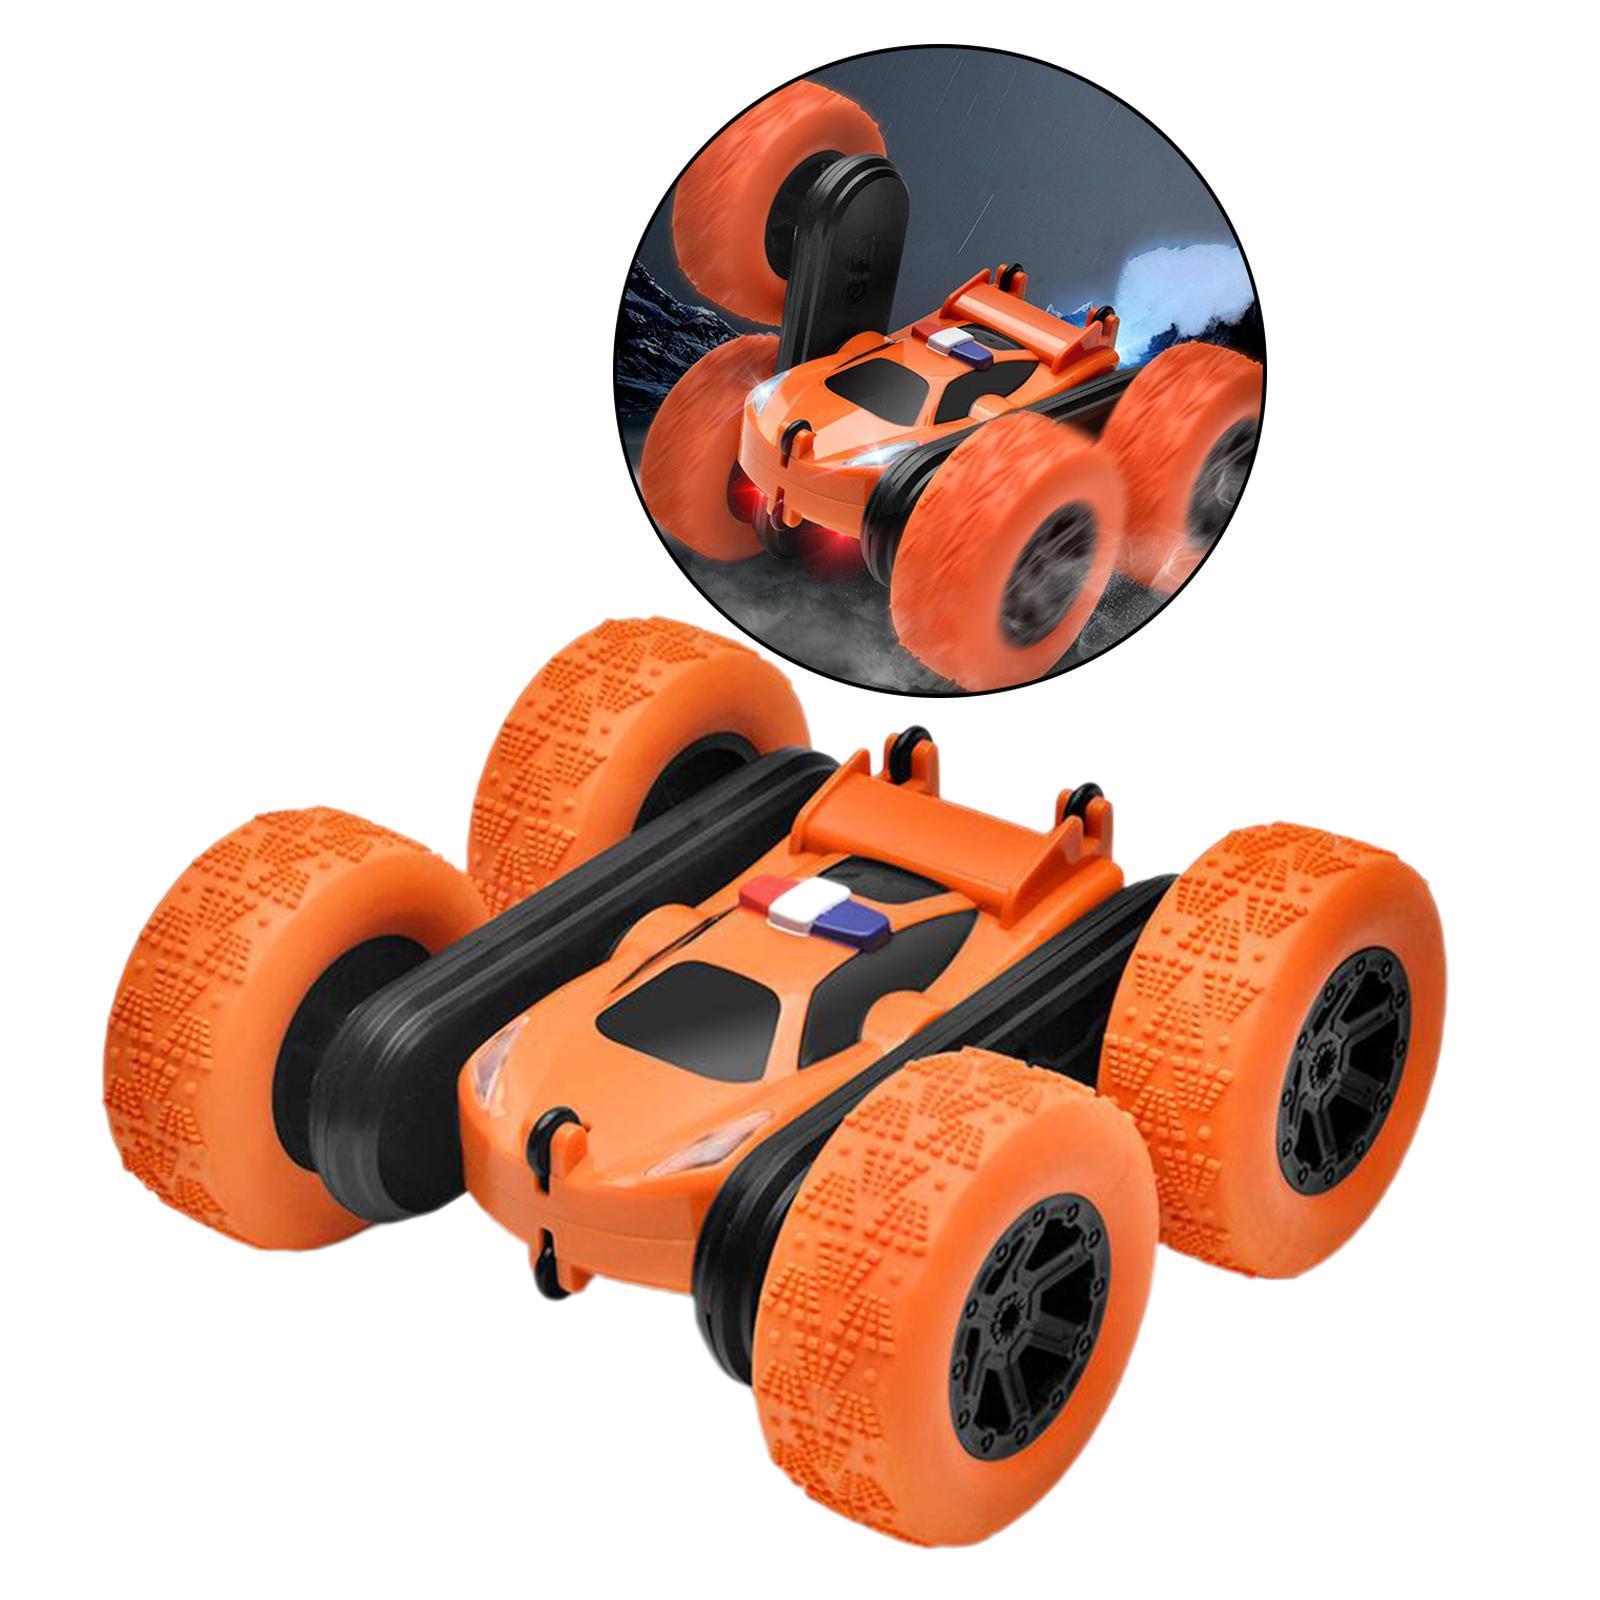 miniatura 39 - Telecomando Auto Stunt Car Giocattolo Per Bambini 2.4GHz di Controllo Remoto